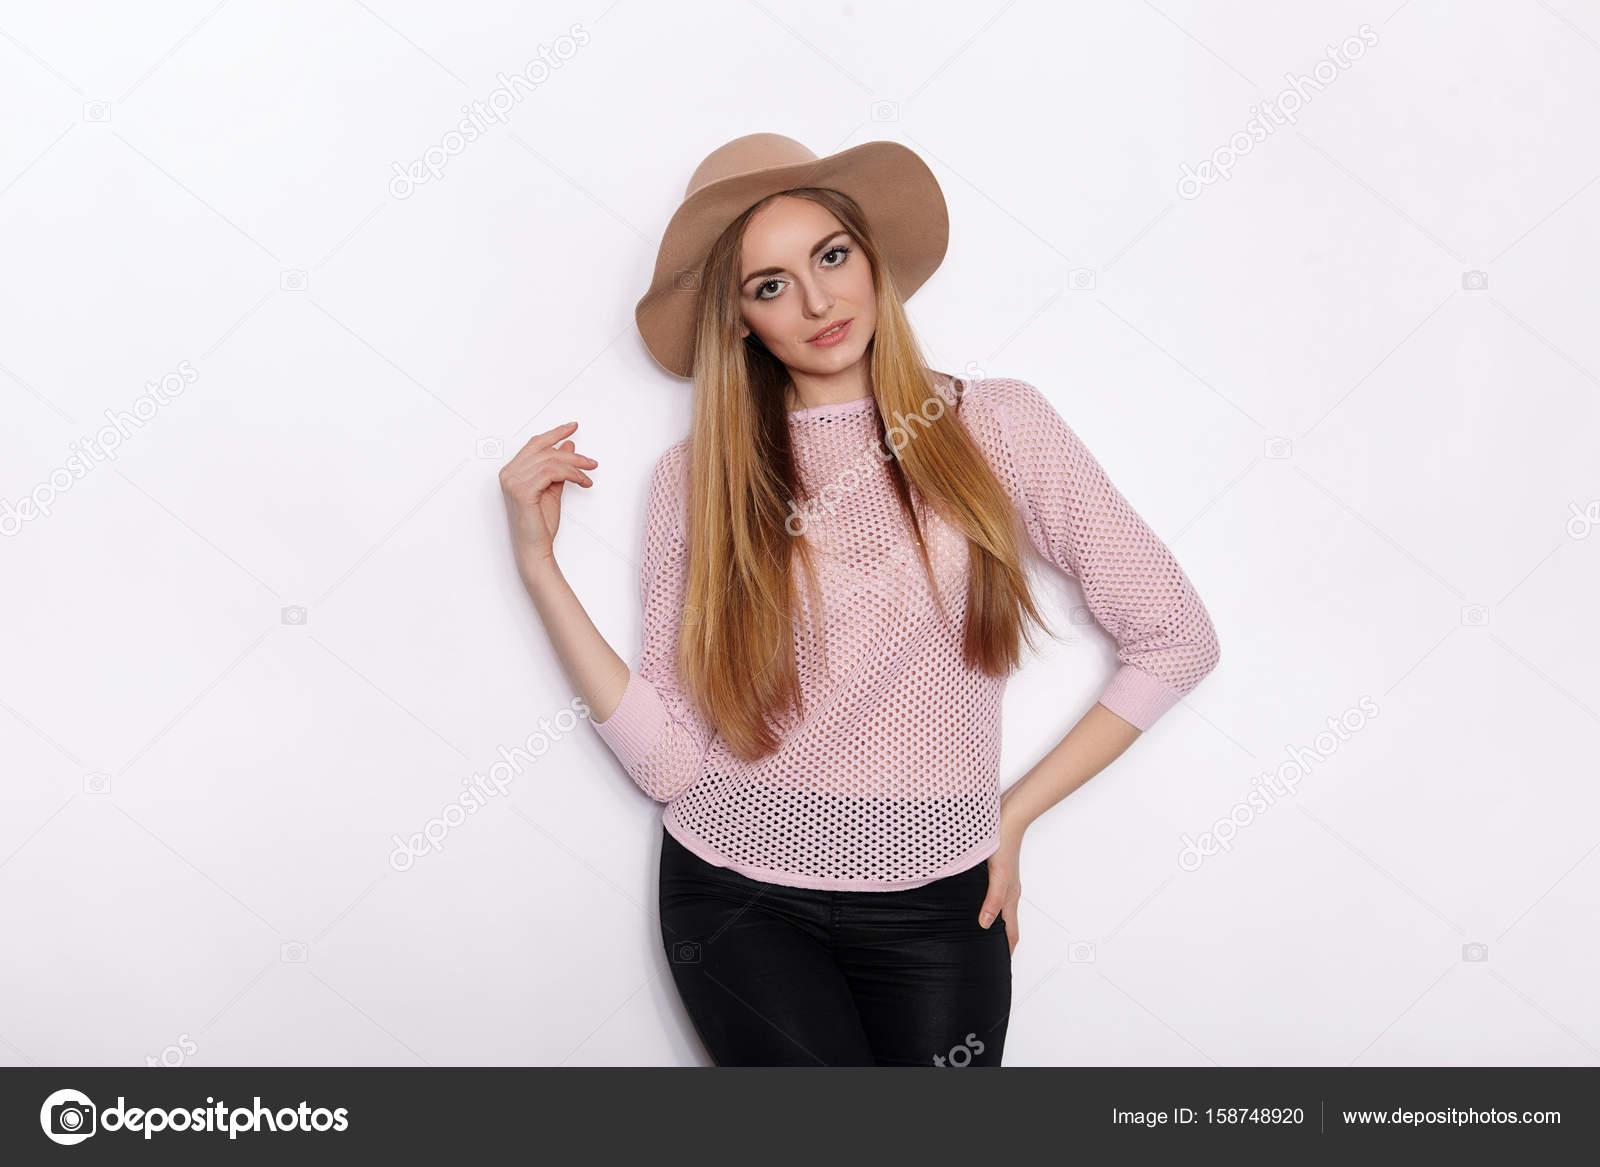 47c7dc531 Linda y elegante mujer joven hermosa rubia en ropa de moda practicar poses  de modelo y mirando lejos sonriendo mientras está parado sobre fondo de  pared ...